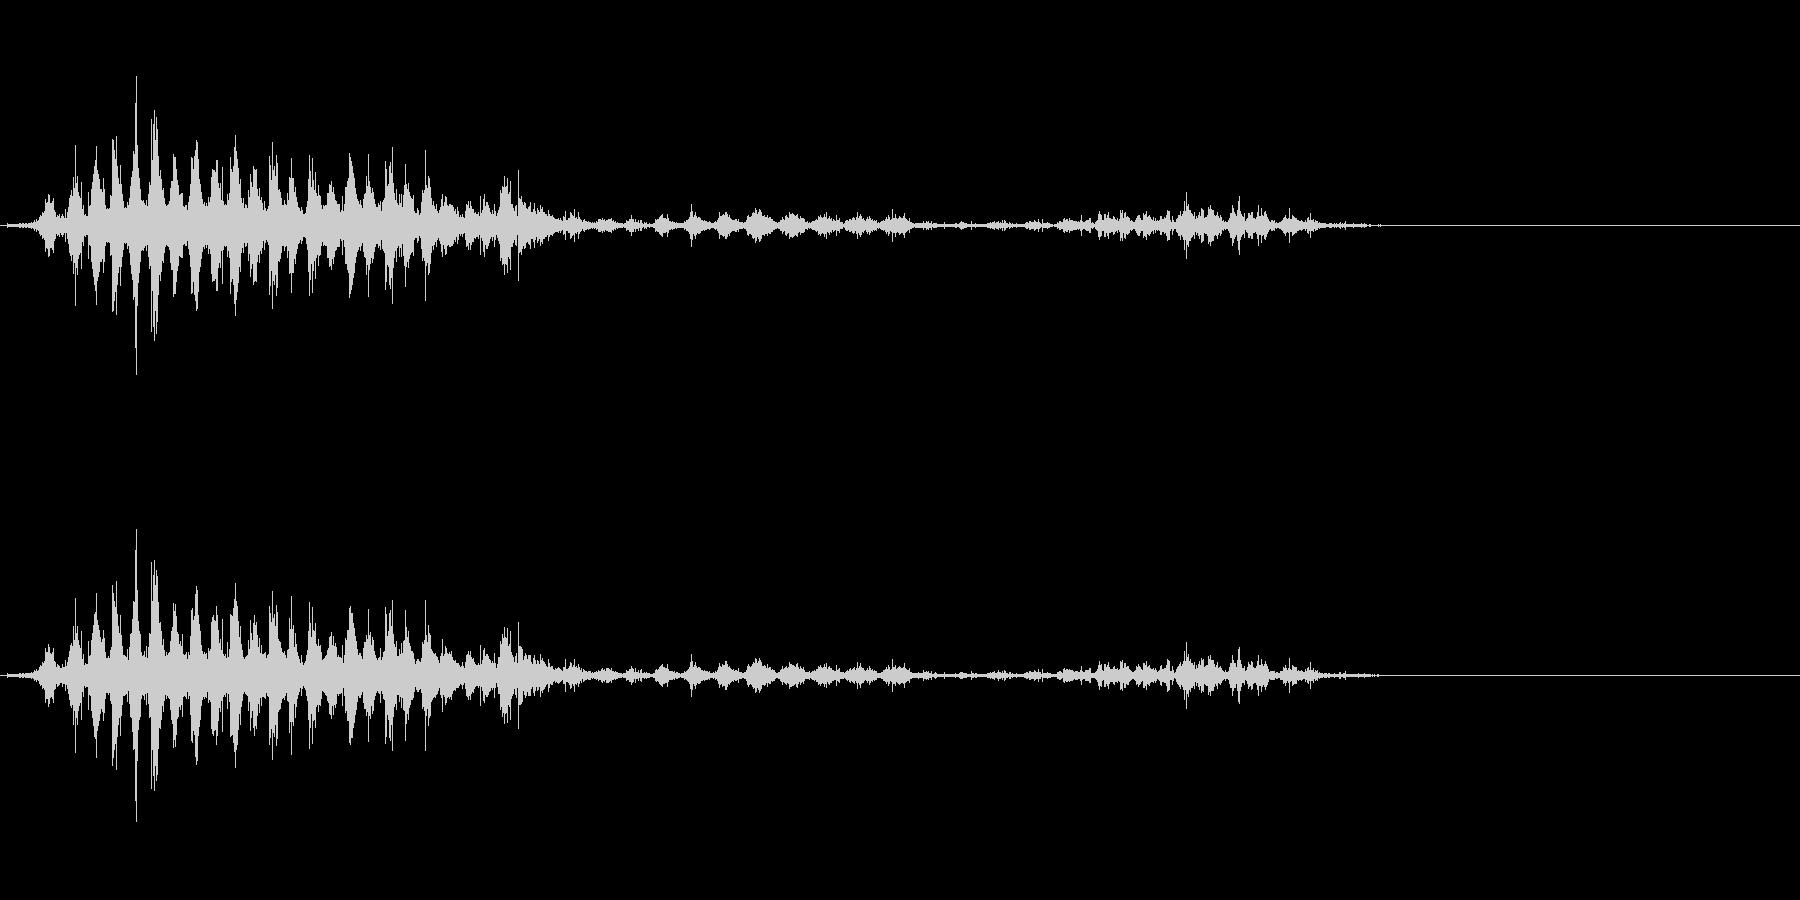 「シャシャシャ」木製シェイカー振り音FXの未再生の波形